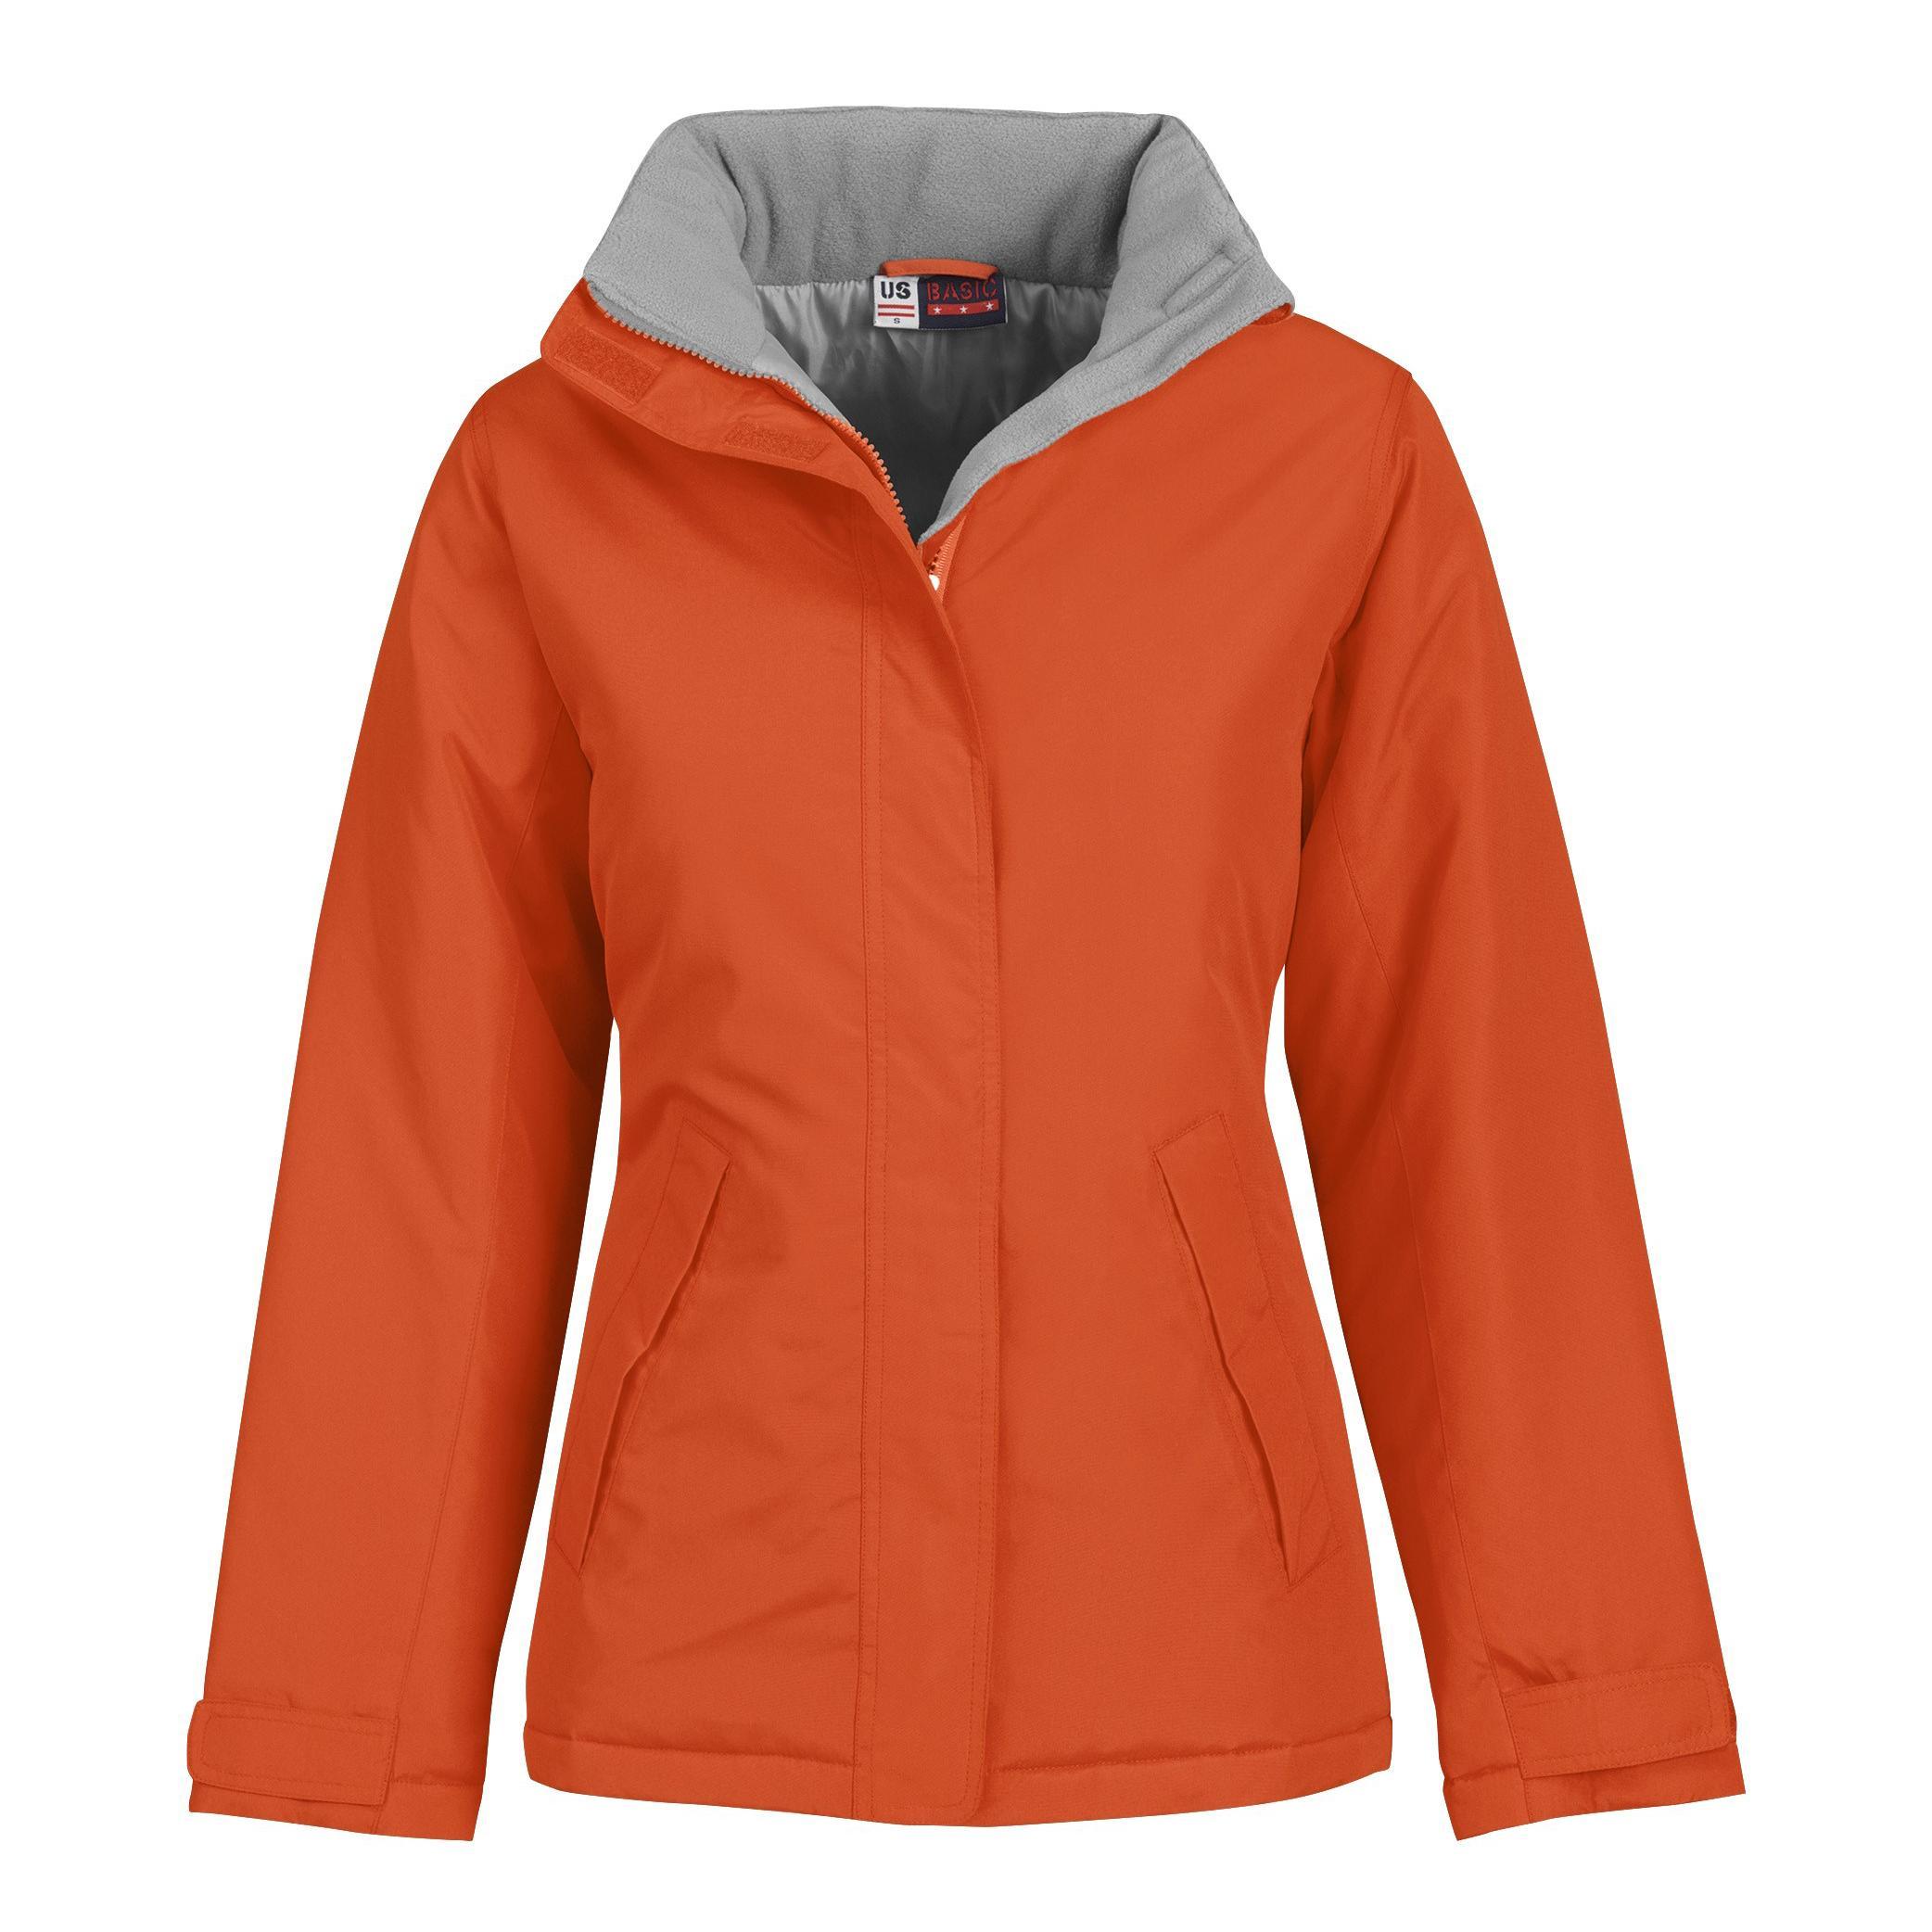 Ladies Hastings Parka - Orange Only